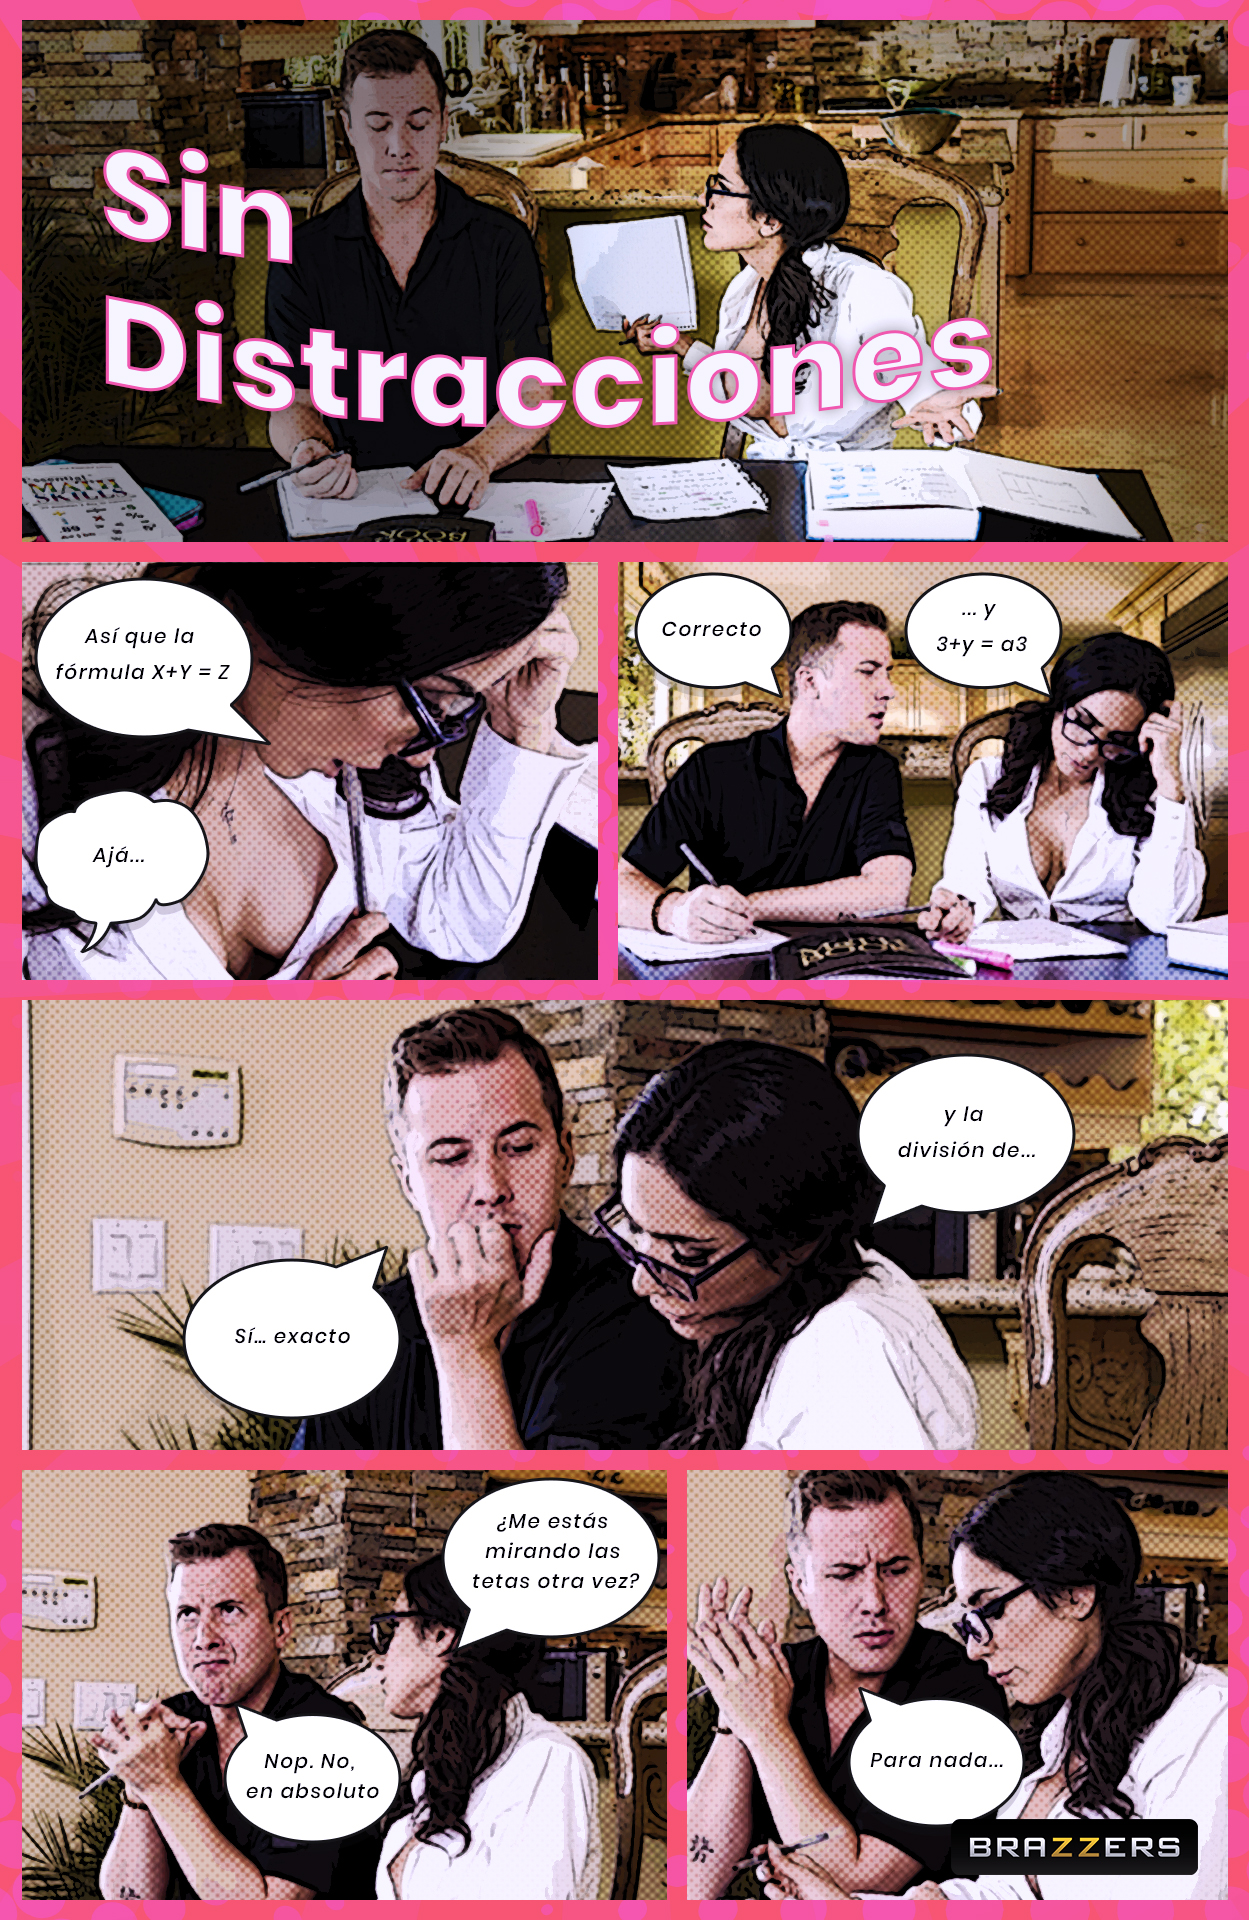 Sin distracciones [Brazzers] [Tia Cyrus] XXX